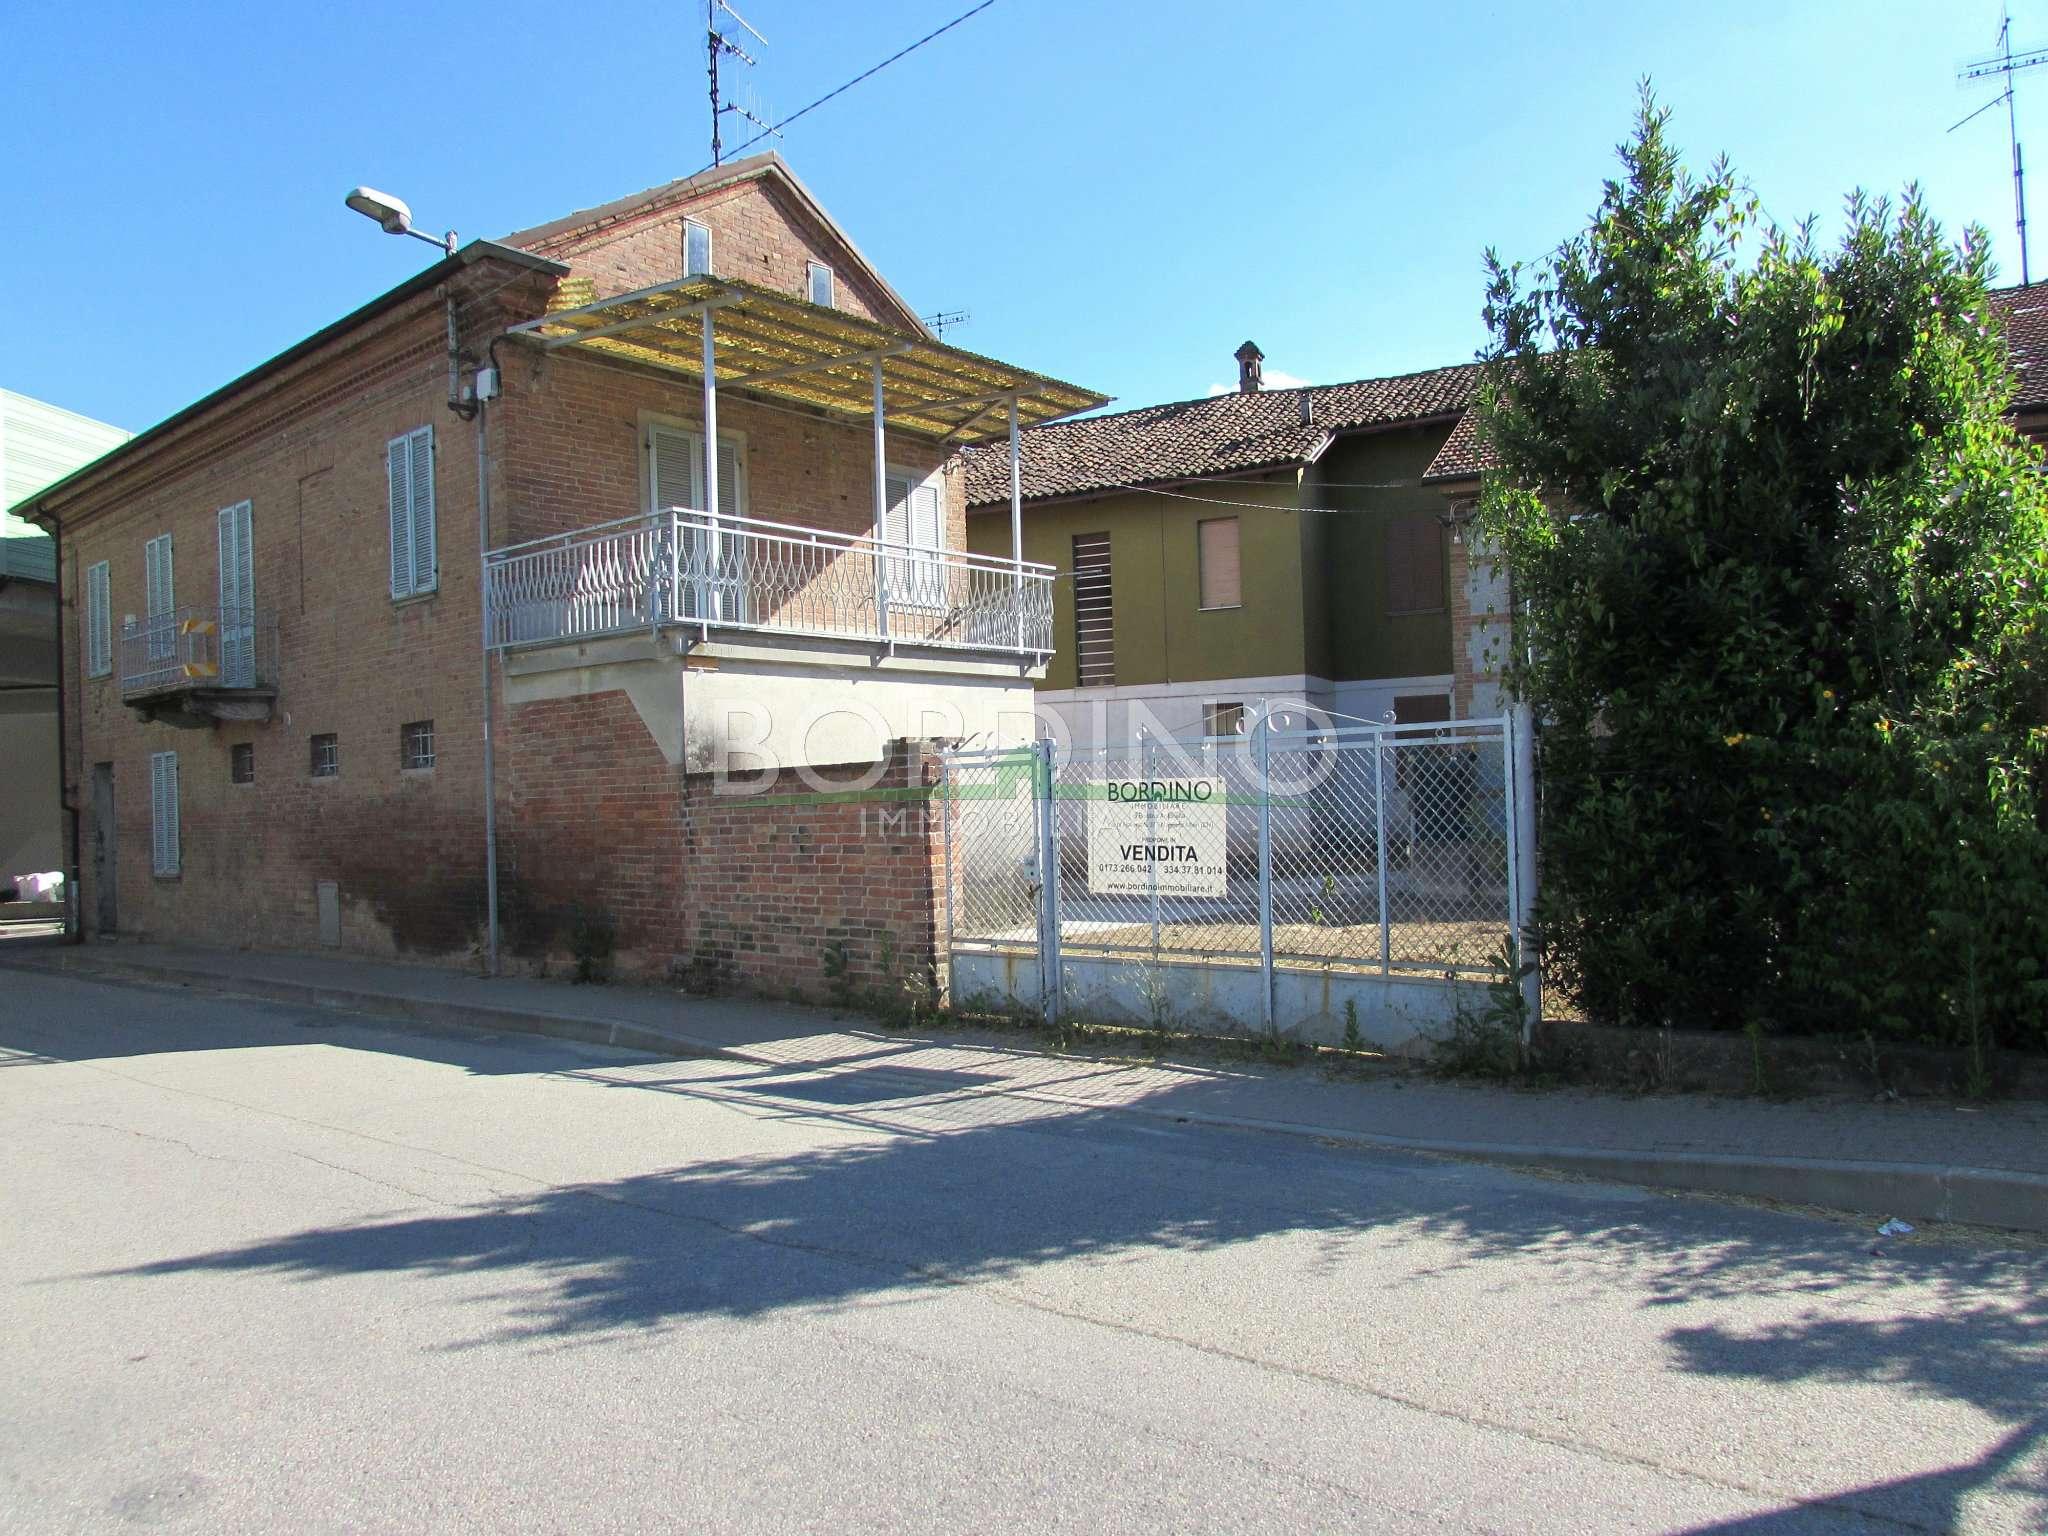 Soluzione Indipendente in vendita a Govone, 4 locali, prezzo € 55.000 | PortaleAgenzieImmobiliari.it